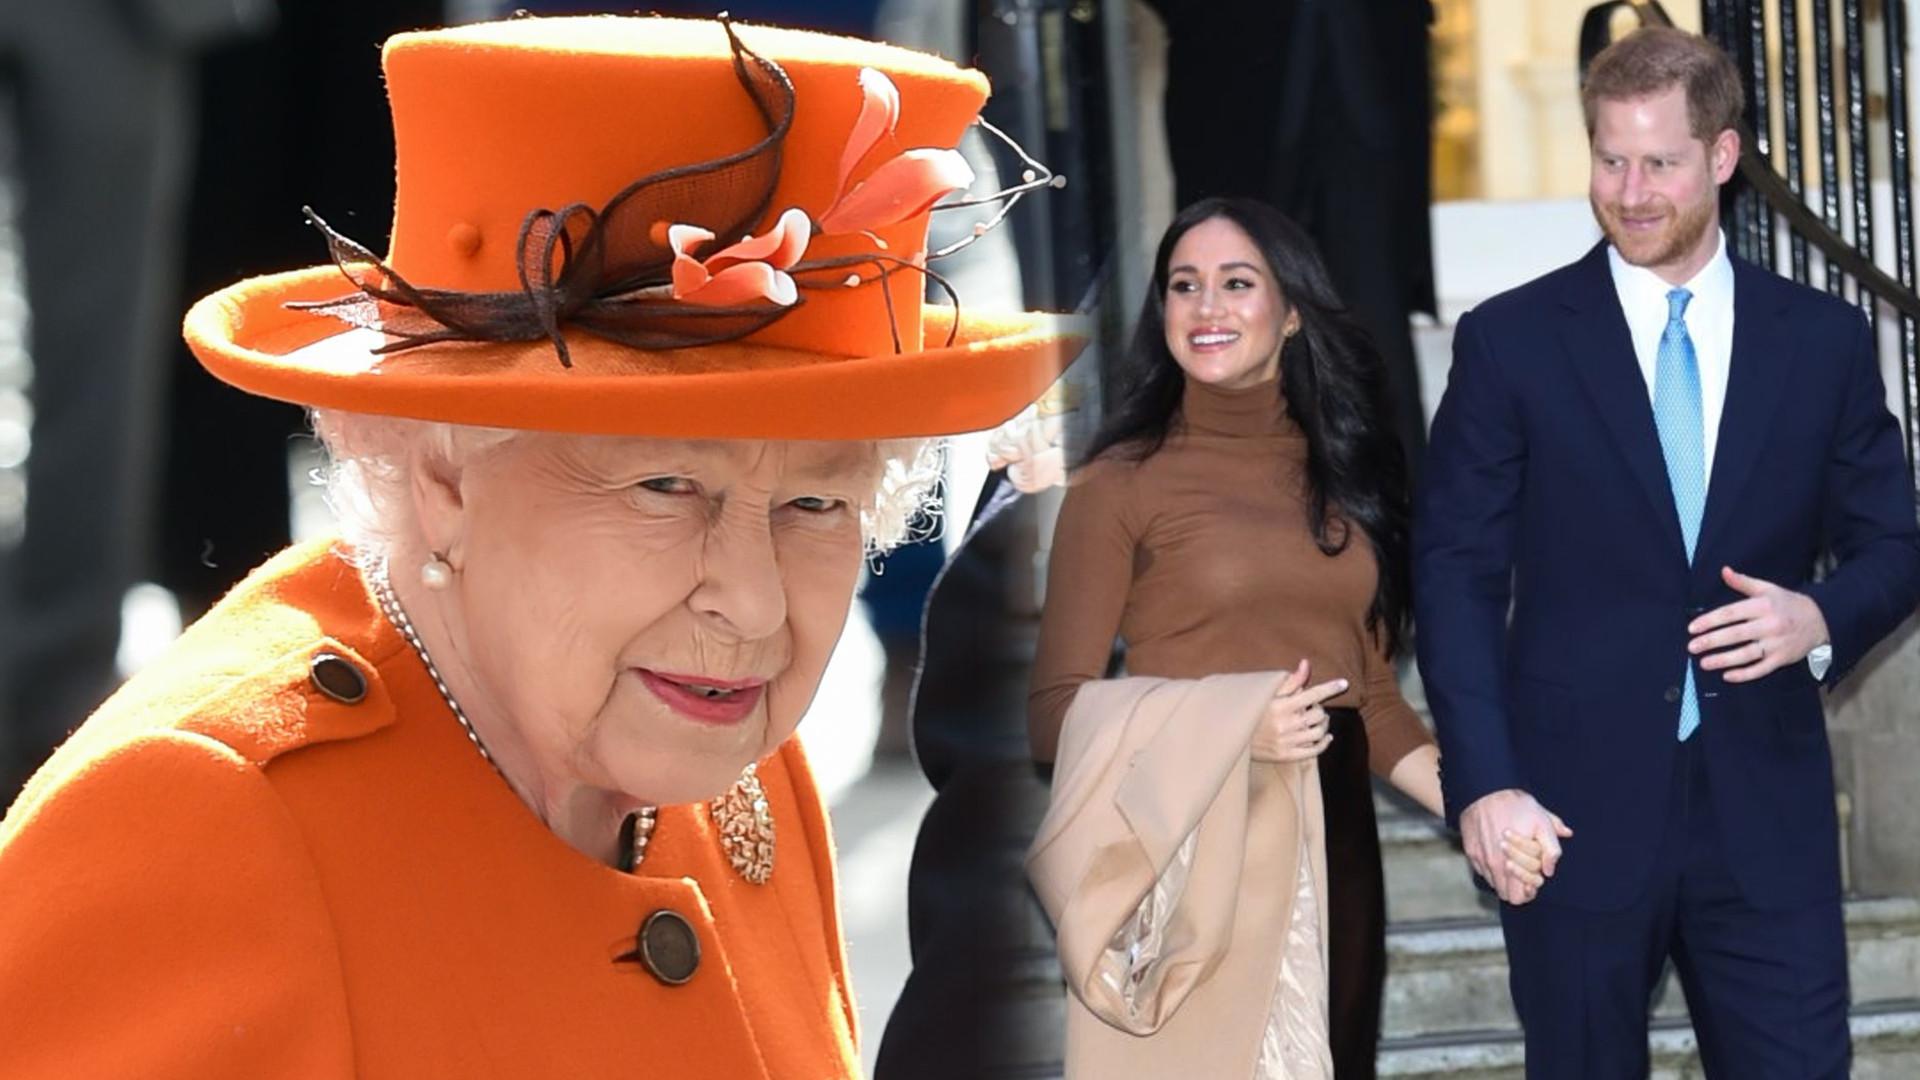 Książę Harry CHCIAŁ porozmawiać z Królową, ale nie został WPUSZCZONY przez dworzan